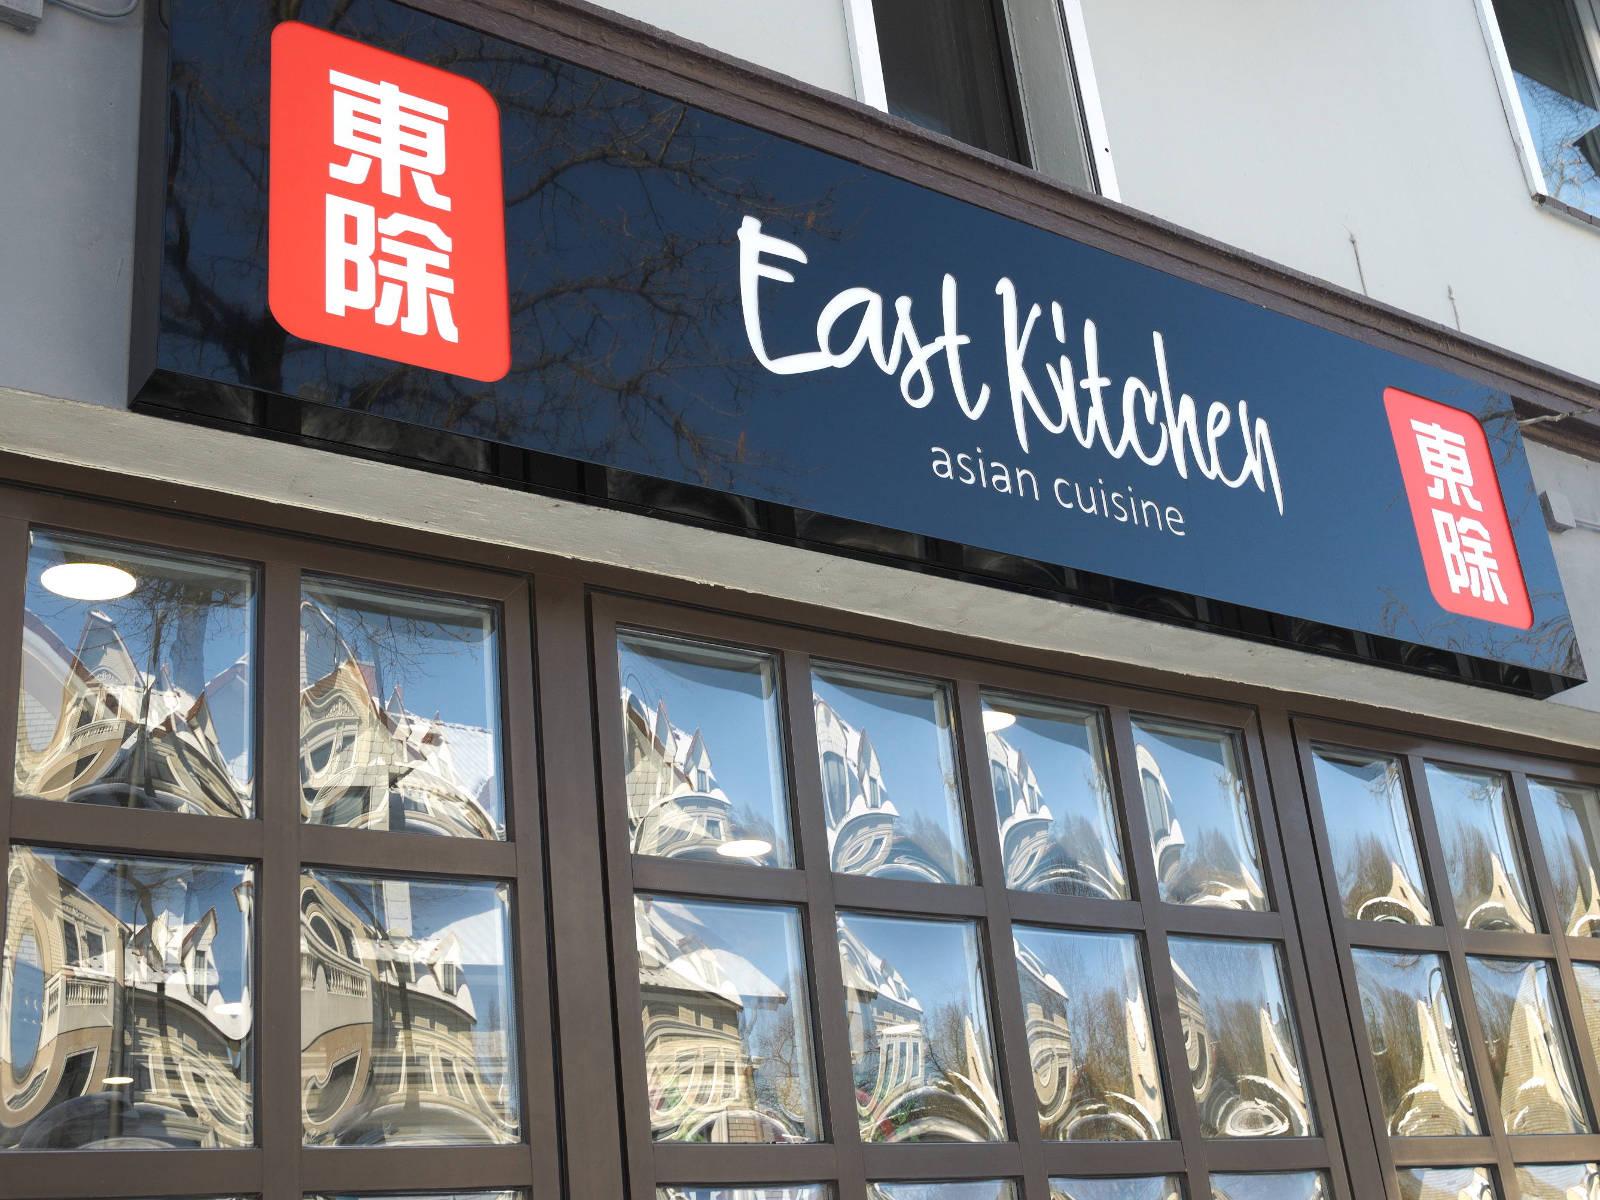 Das East Kitchen steht für die vielfältige Küche Asiens mit selbstkreierten Soßen nach Geheimrezepturen